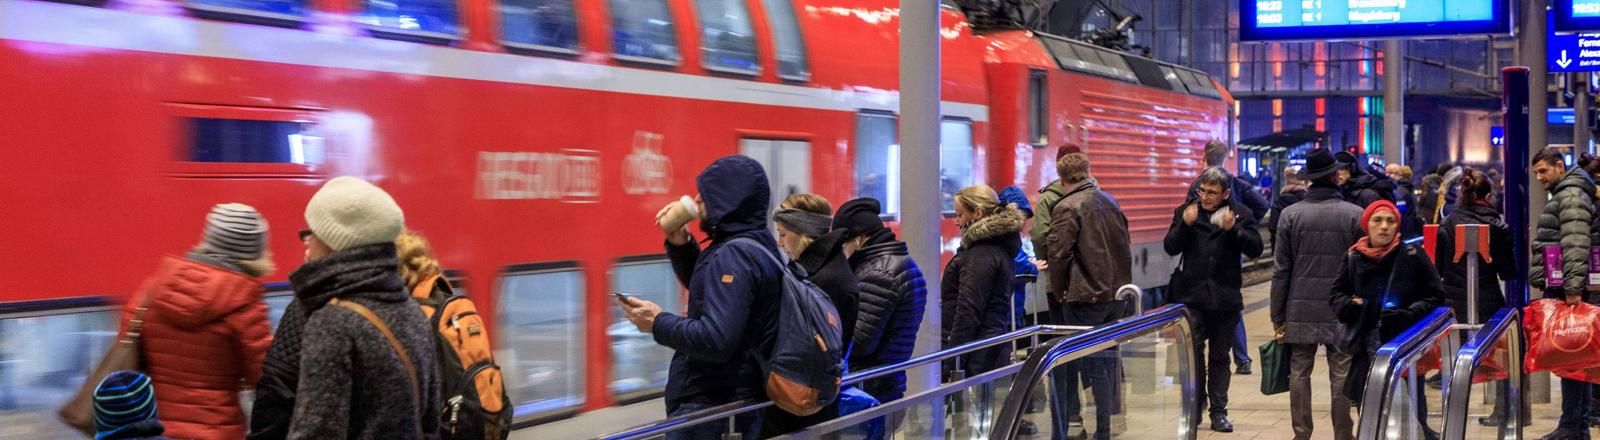 Menschen auf einem Bahnsteig